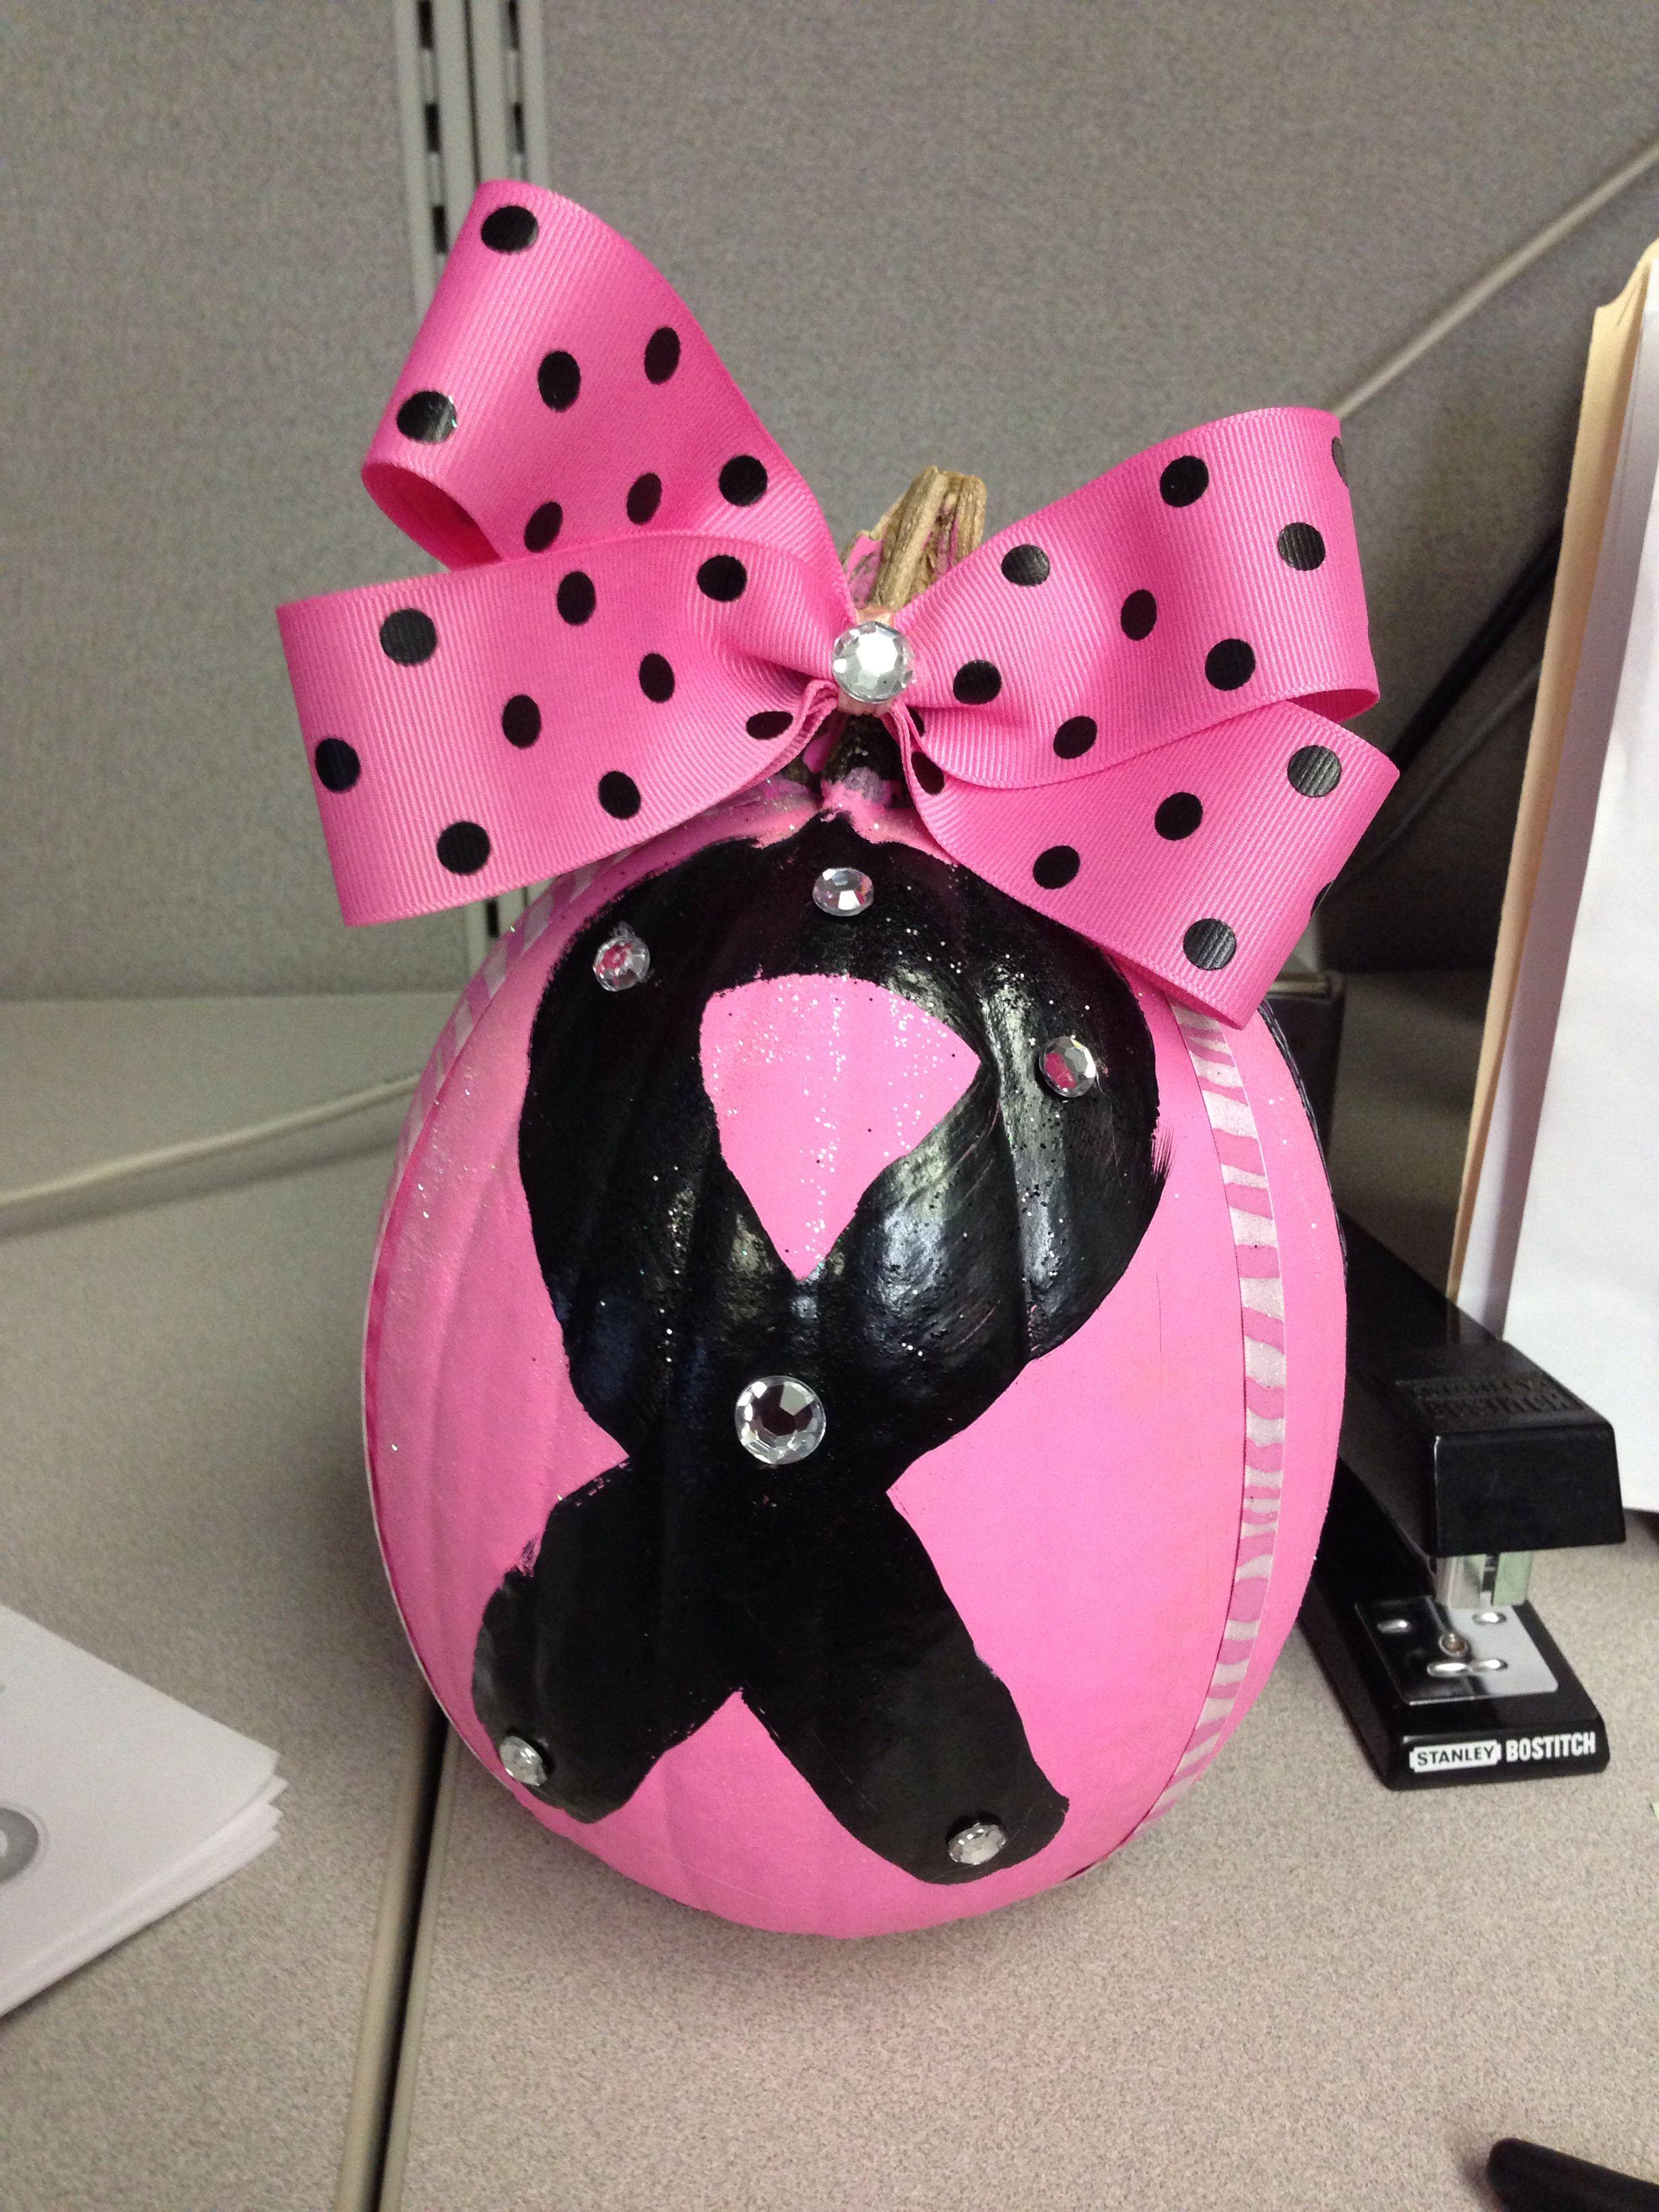 Breast cancer awareness pumpkin!